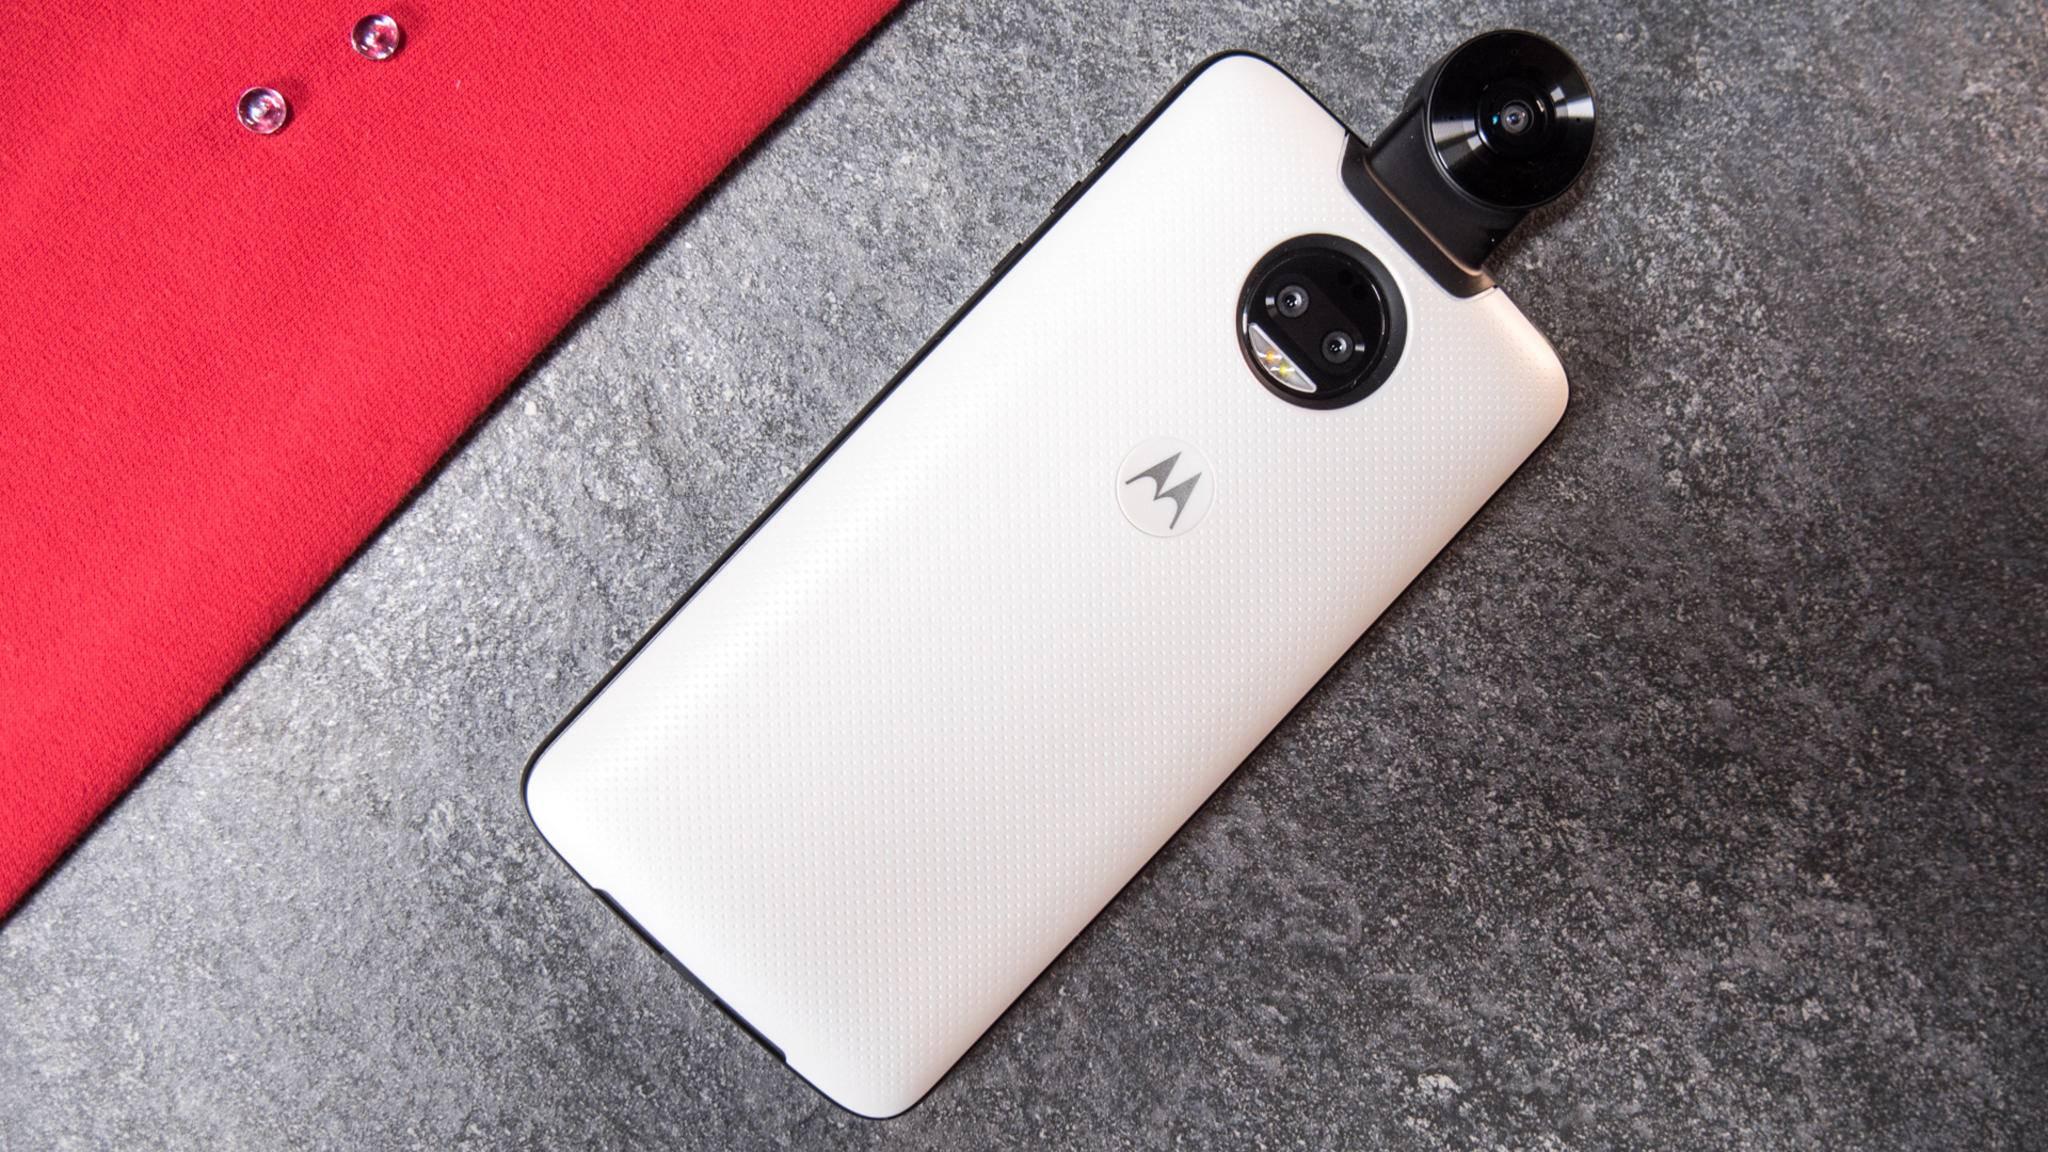 Die 360-Grad-Kamera für die Moto-Z-Smartphones hat einige Tricks auf Lager.